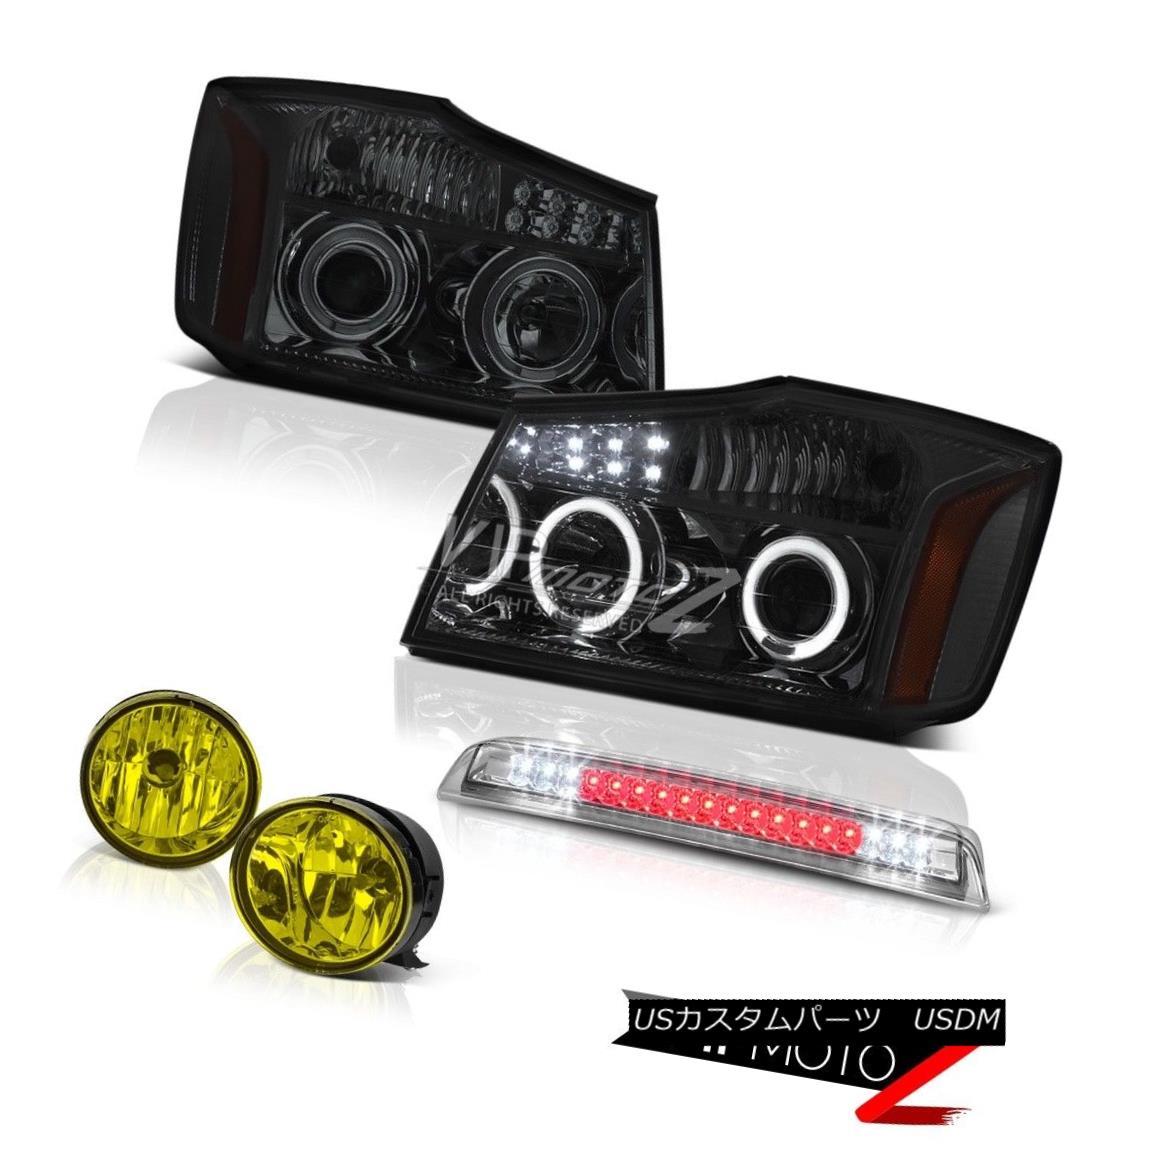 ヘッドライト Pair Smoke Headlights Driving Bumper Fog Chrome 3rd Brake LED For 2004-15 Titan ペアの煙のヘッドライトドライビングバンパーフォグクローム第3ブレーキLED 2004年?15年タイタン